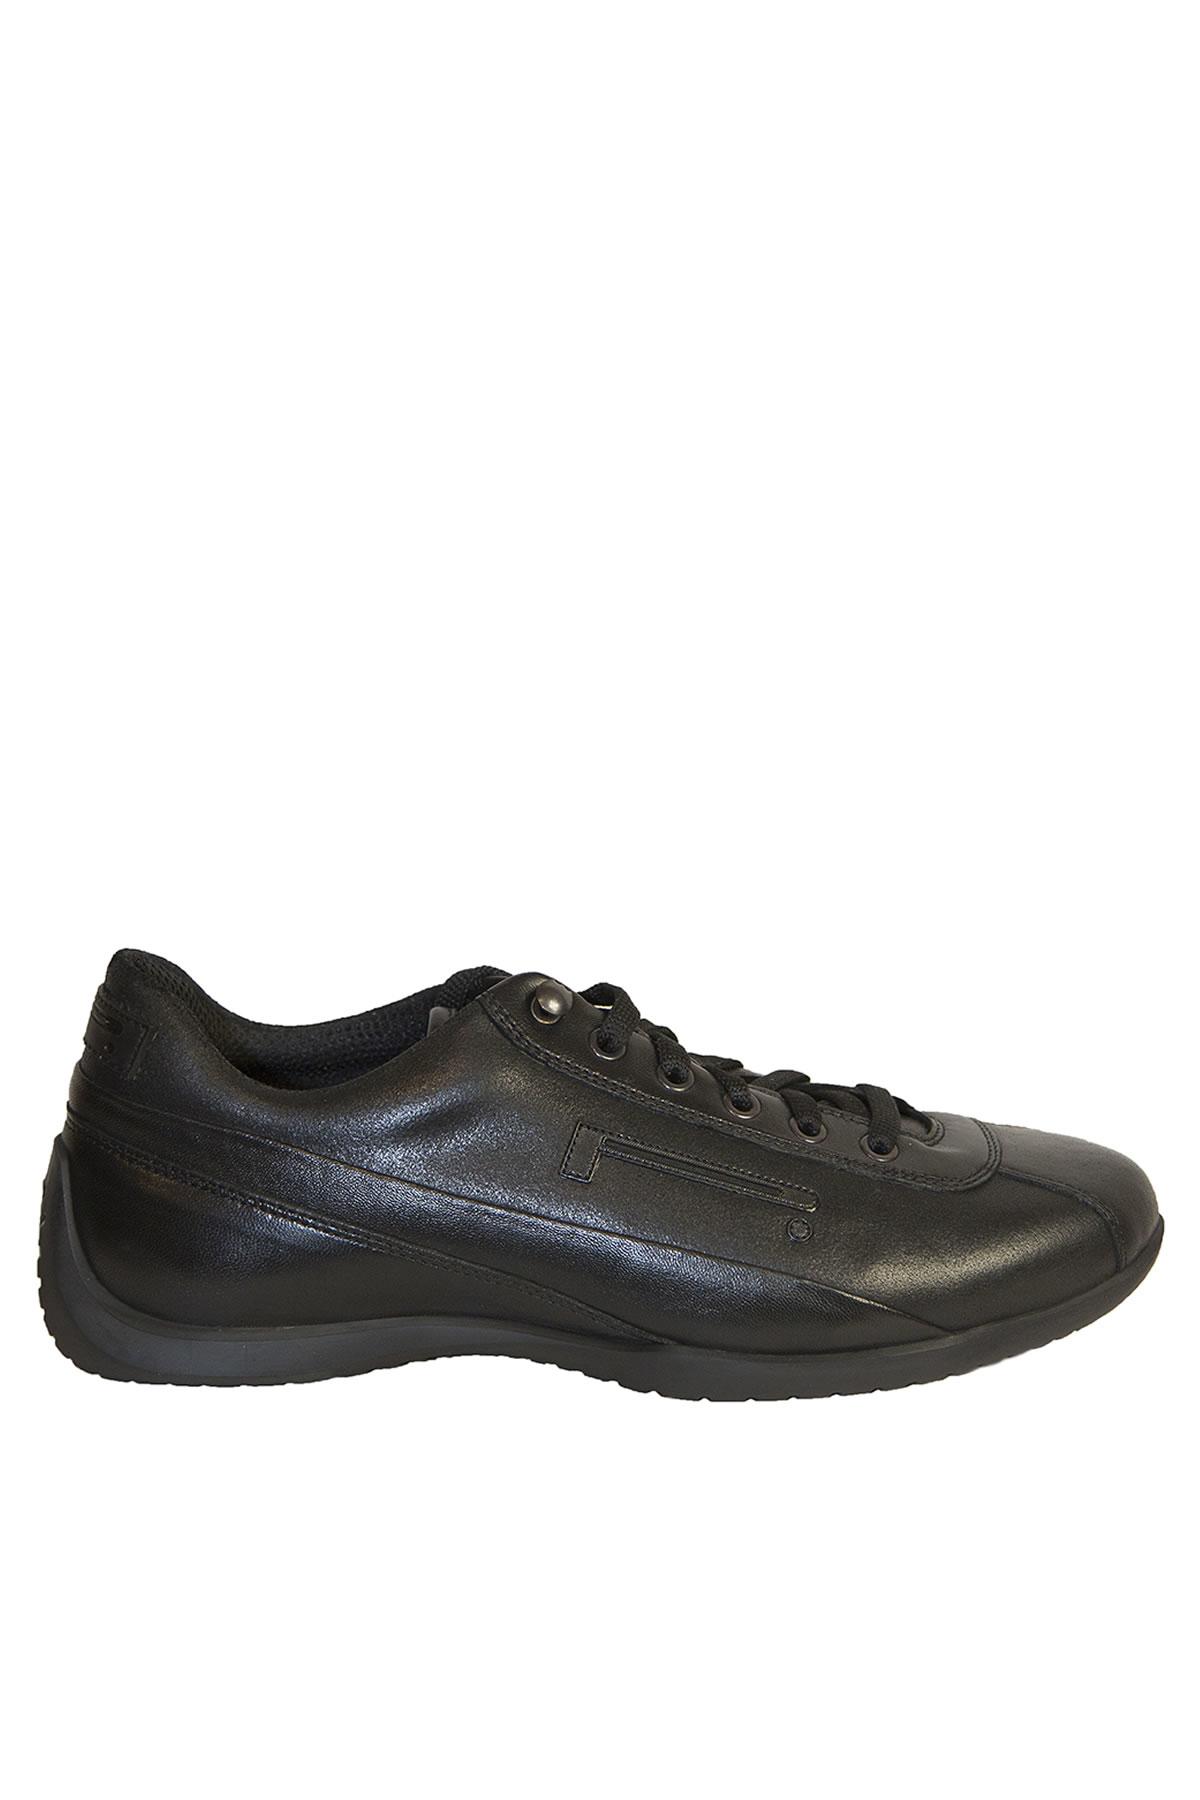 pirelli pzero leather sneakers in black for nero